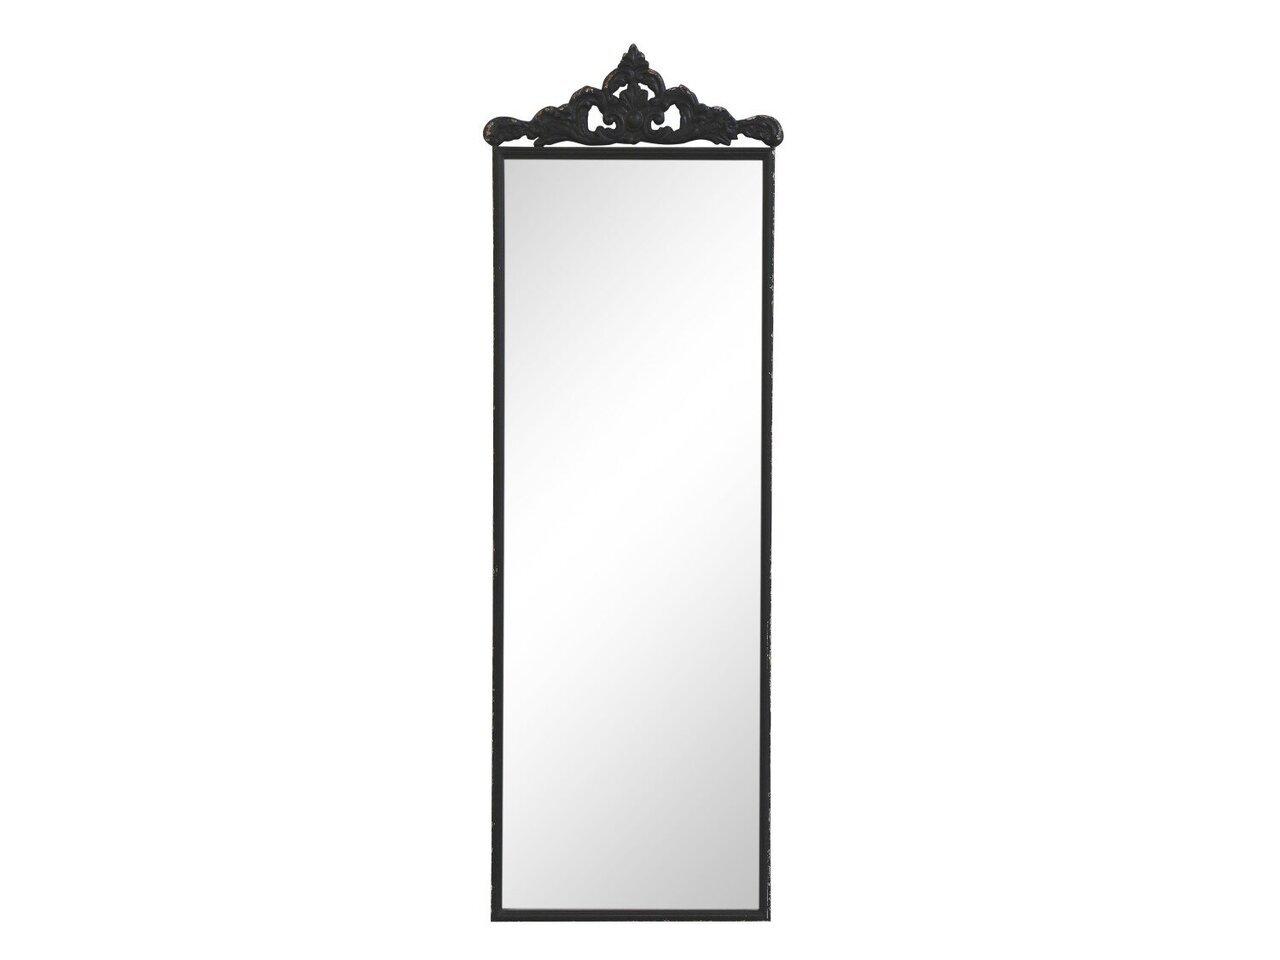 Chic Antique Spiegel mit Rosen Dekor